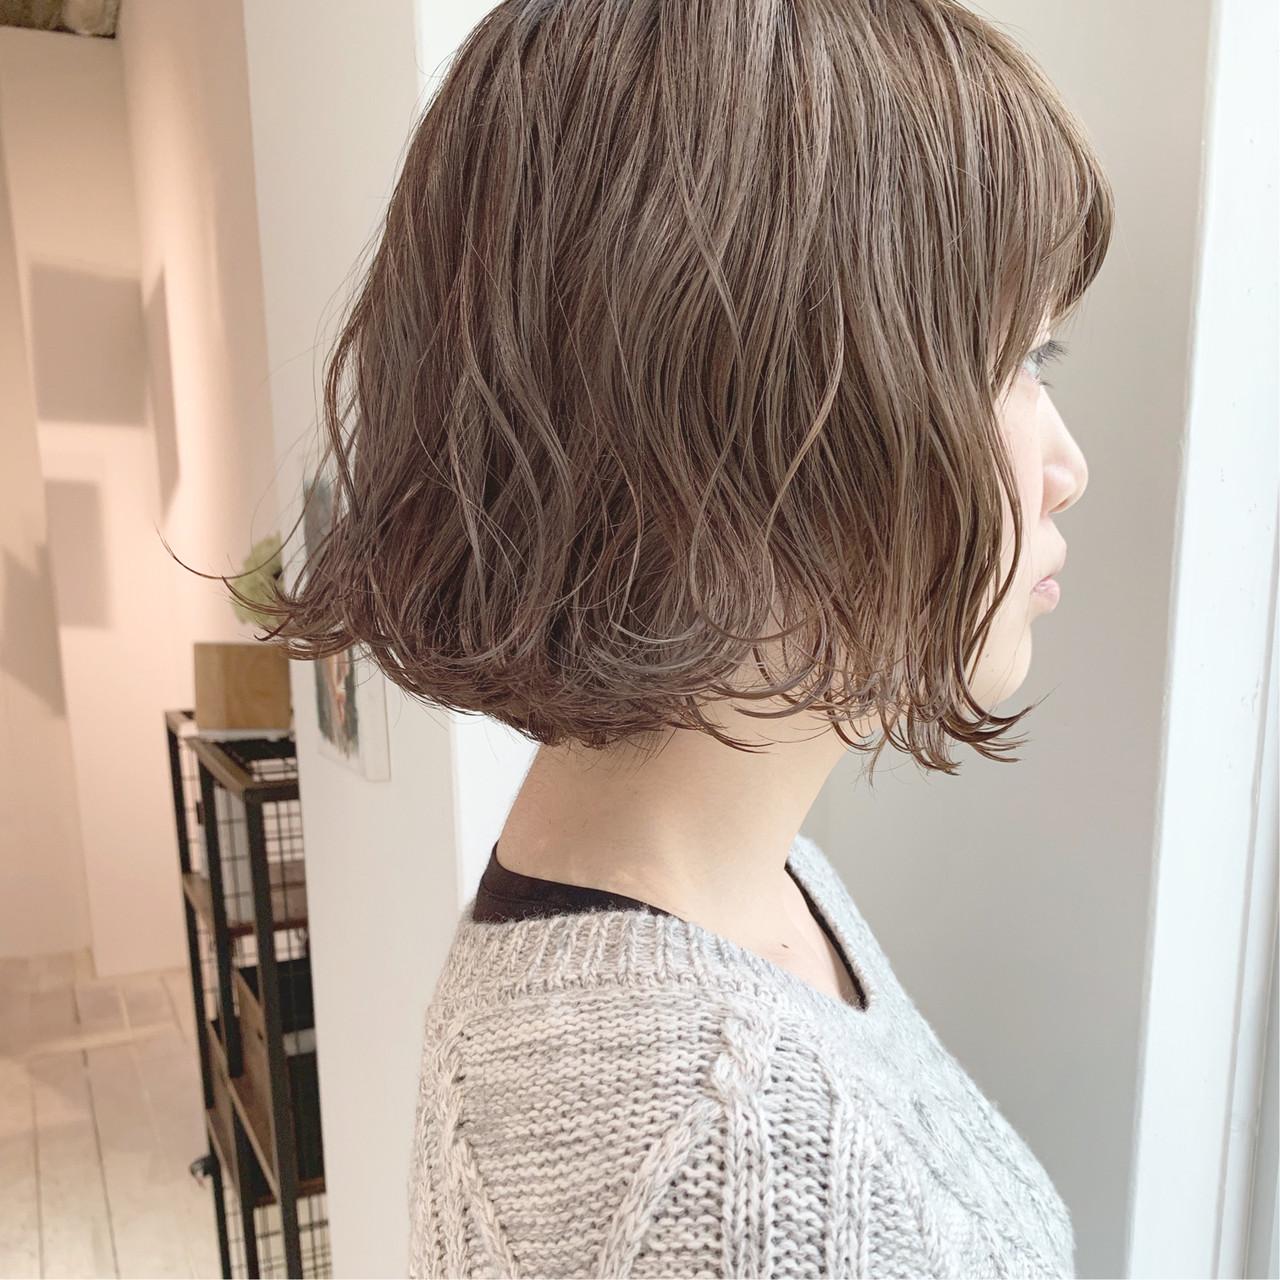 ミルクティーグレージュ アンニュイほつれヘア 大人かわいい ナチュラル ヘアスタイルや髪型の写真・画像